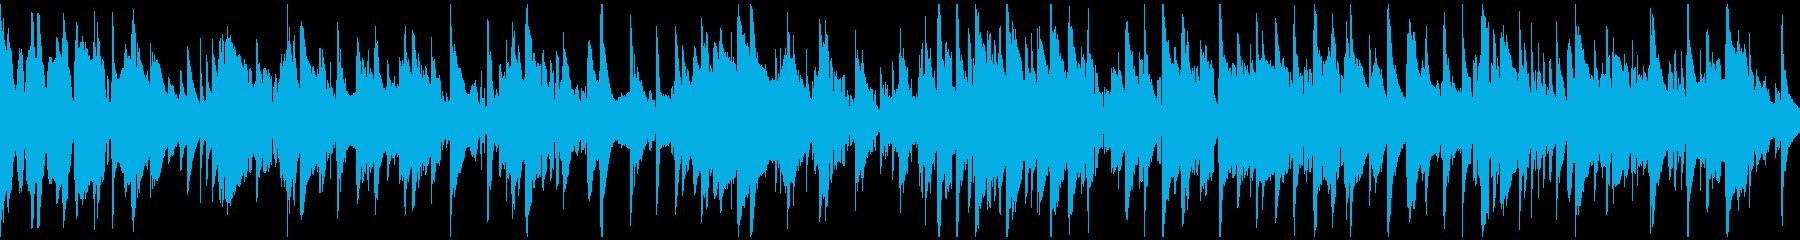 くつろぎのジャズバラード ※ループ仕様版の再生済みの波形